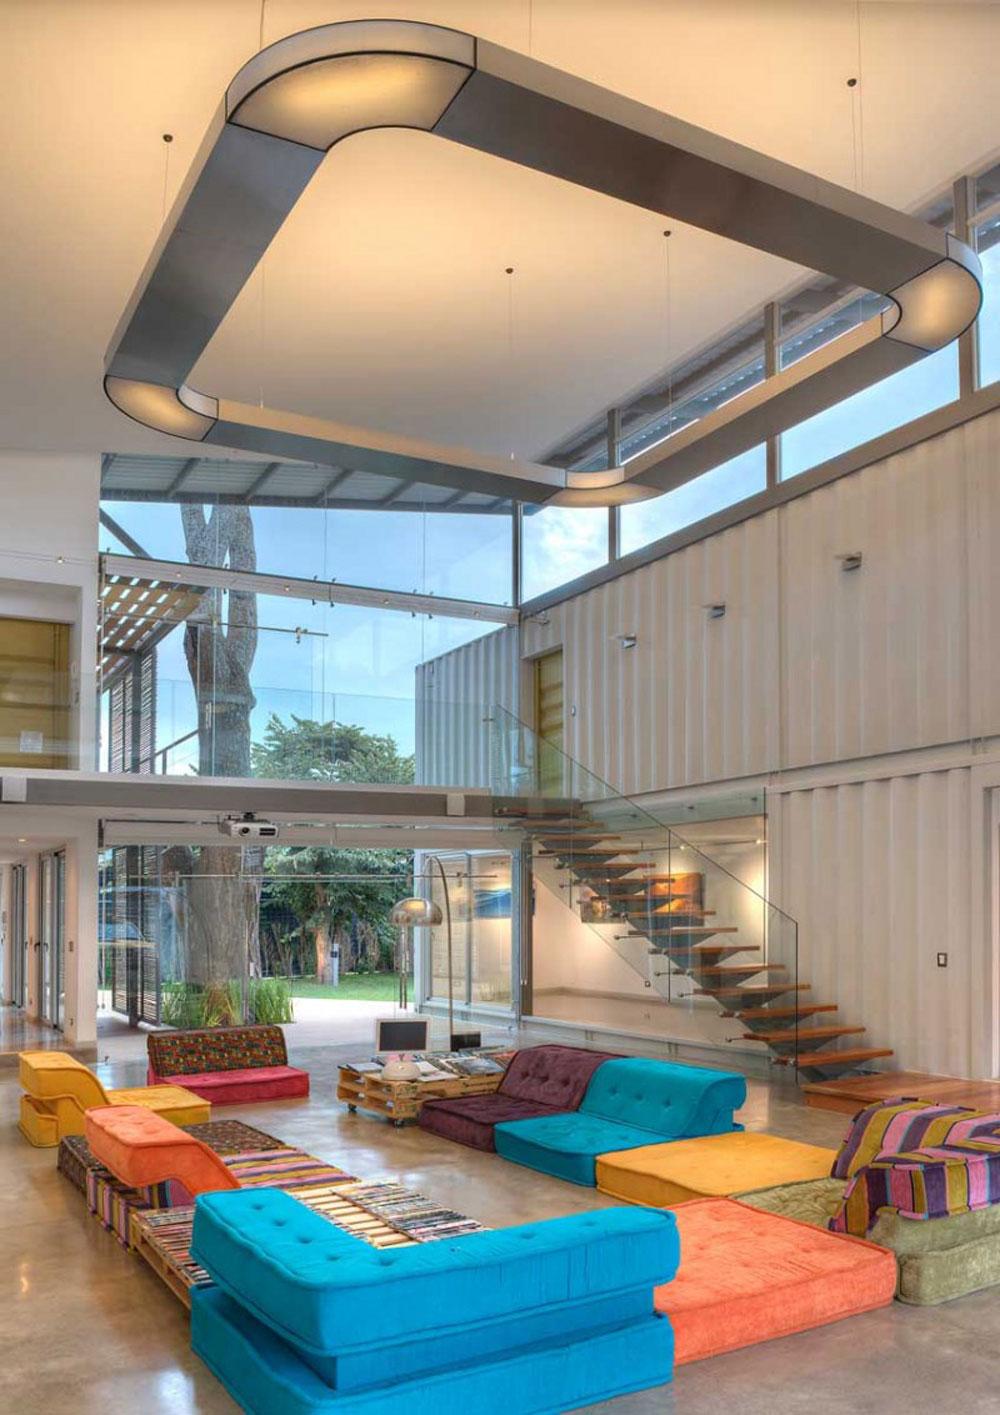 Galleri-av-levande-interiör-idéer-för-vardagsrum-5 Galleri av levande-interiör-idéer för vardagsrum